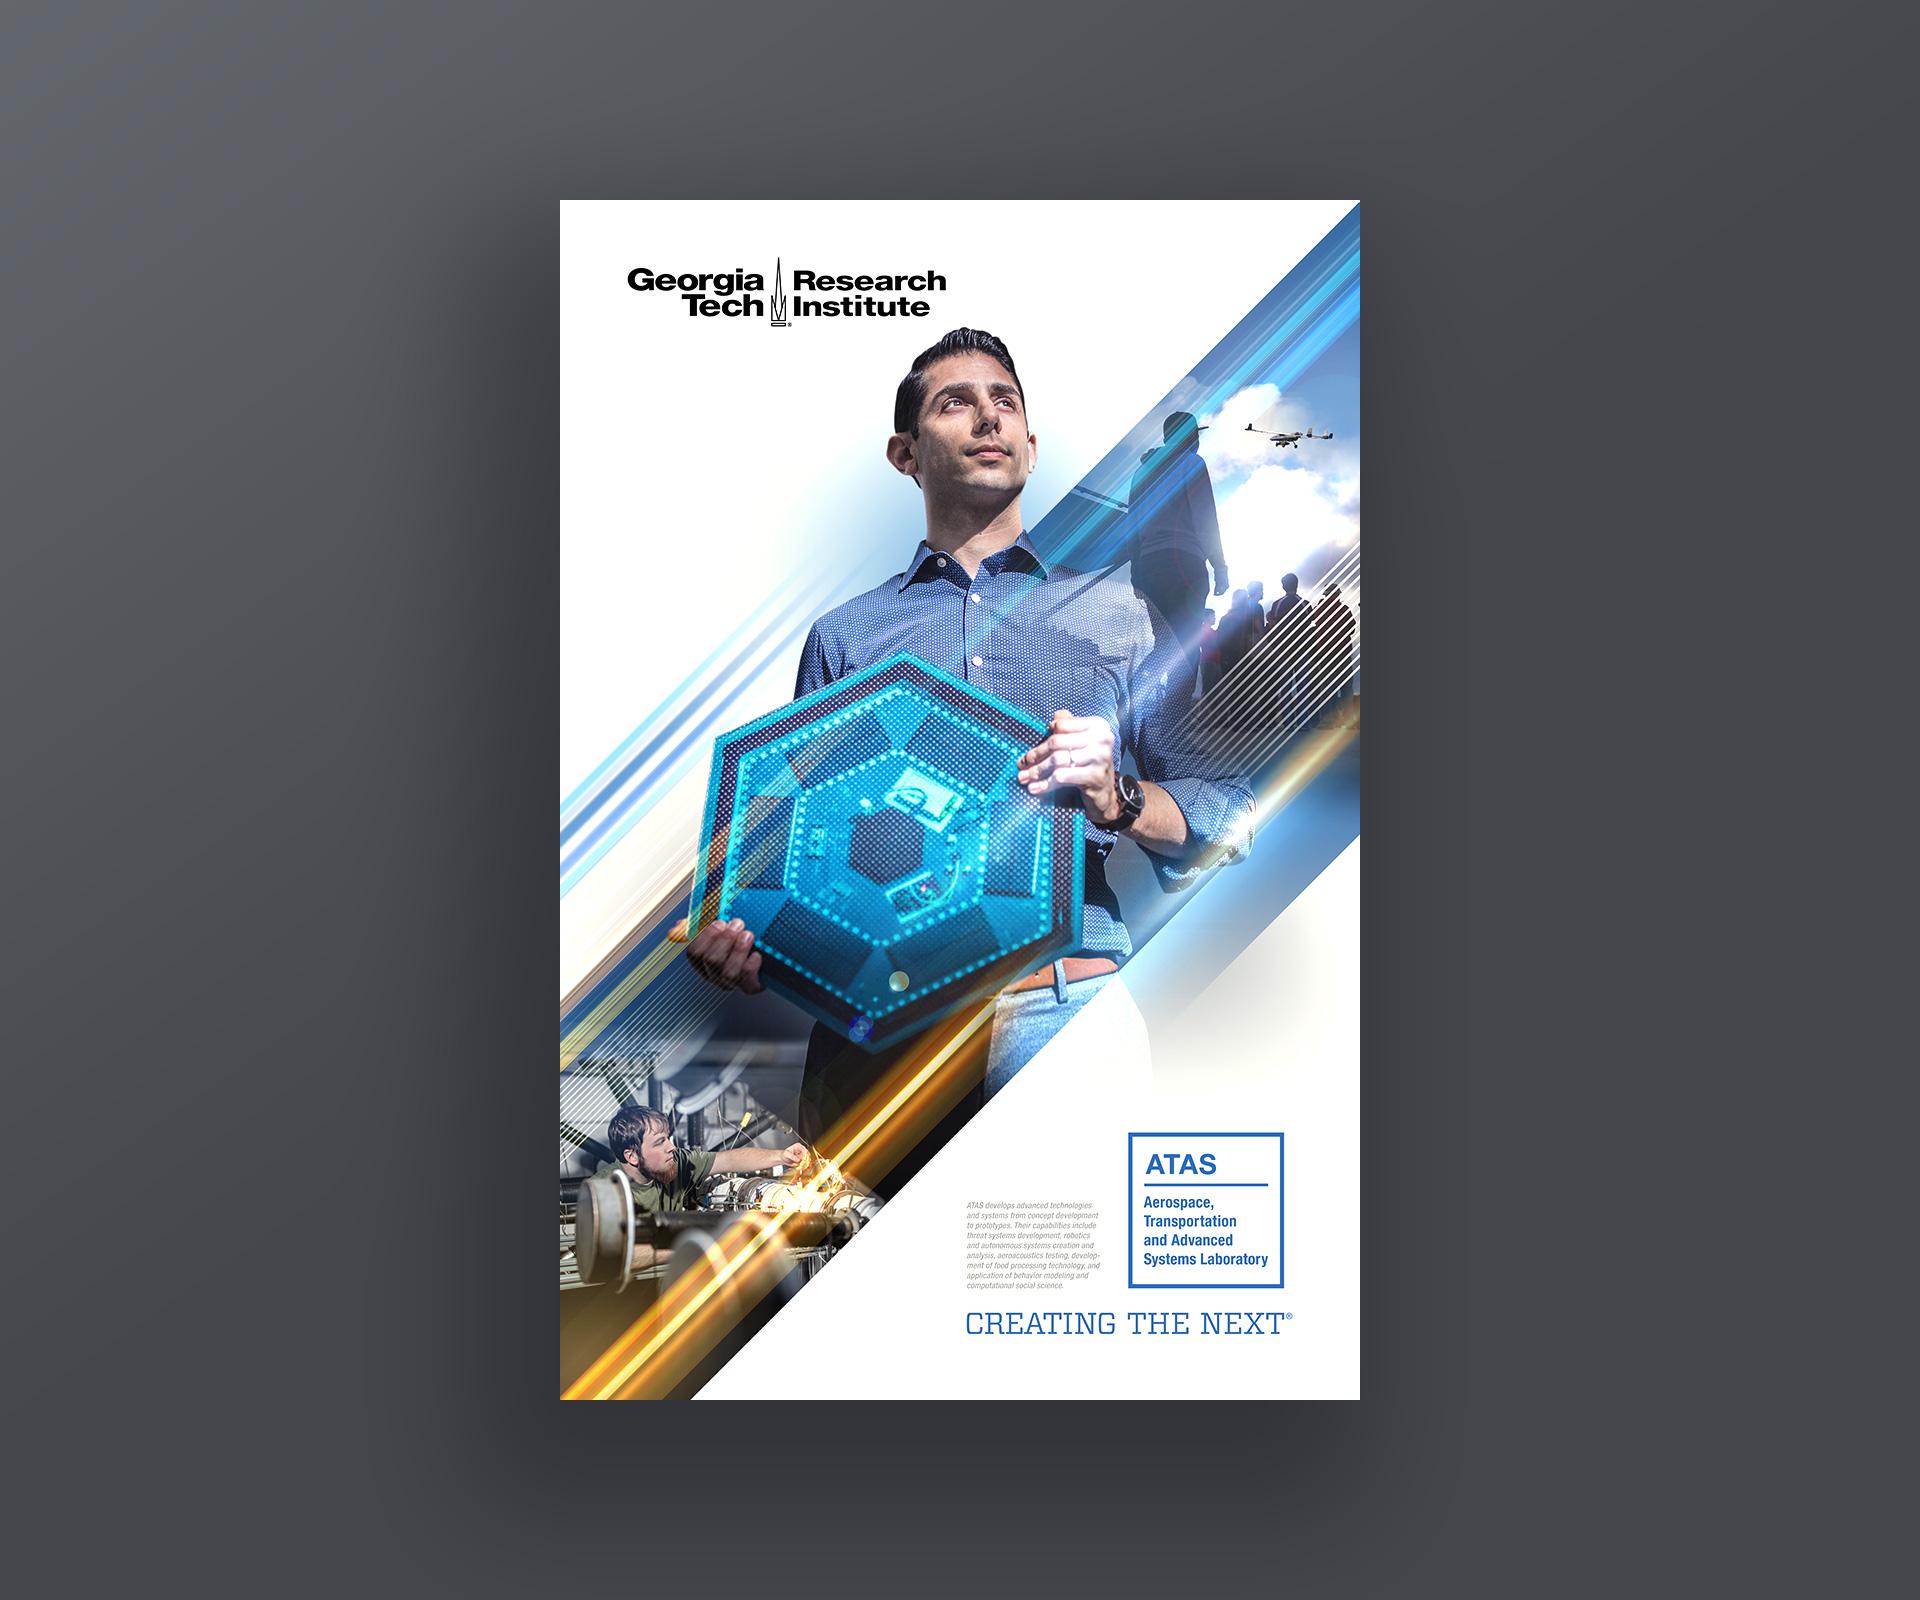 hero_poster_002.jpg